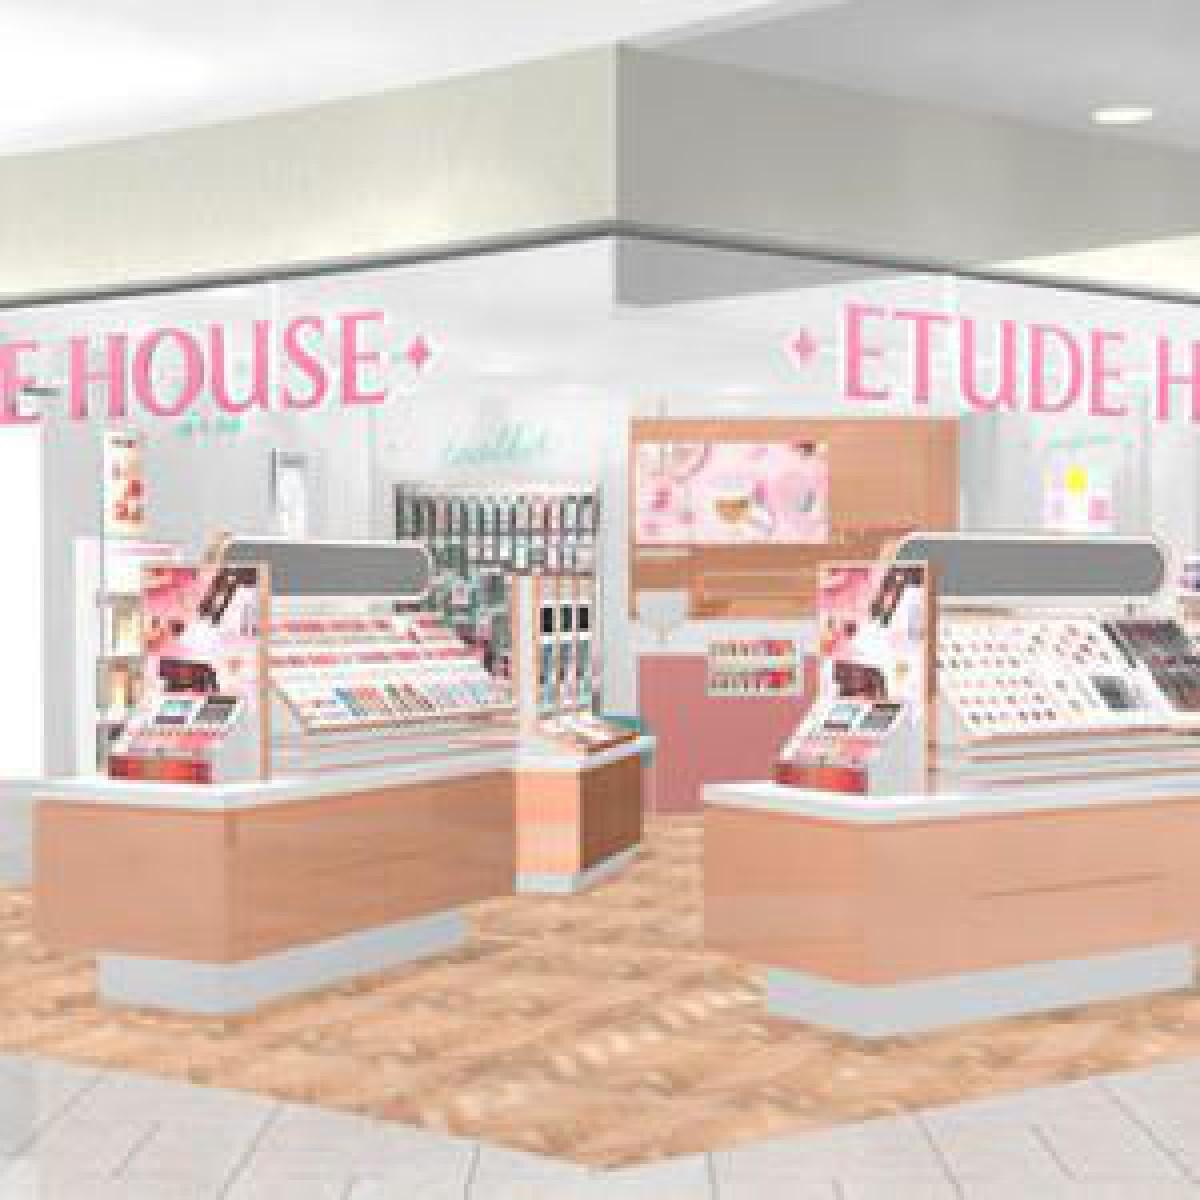 「エチュードハウス」天王寺ミオ店がリニューアル、メイク体験ができる店舗に